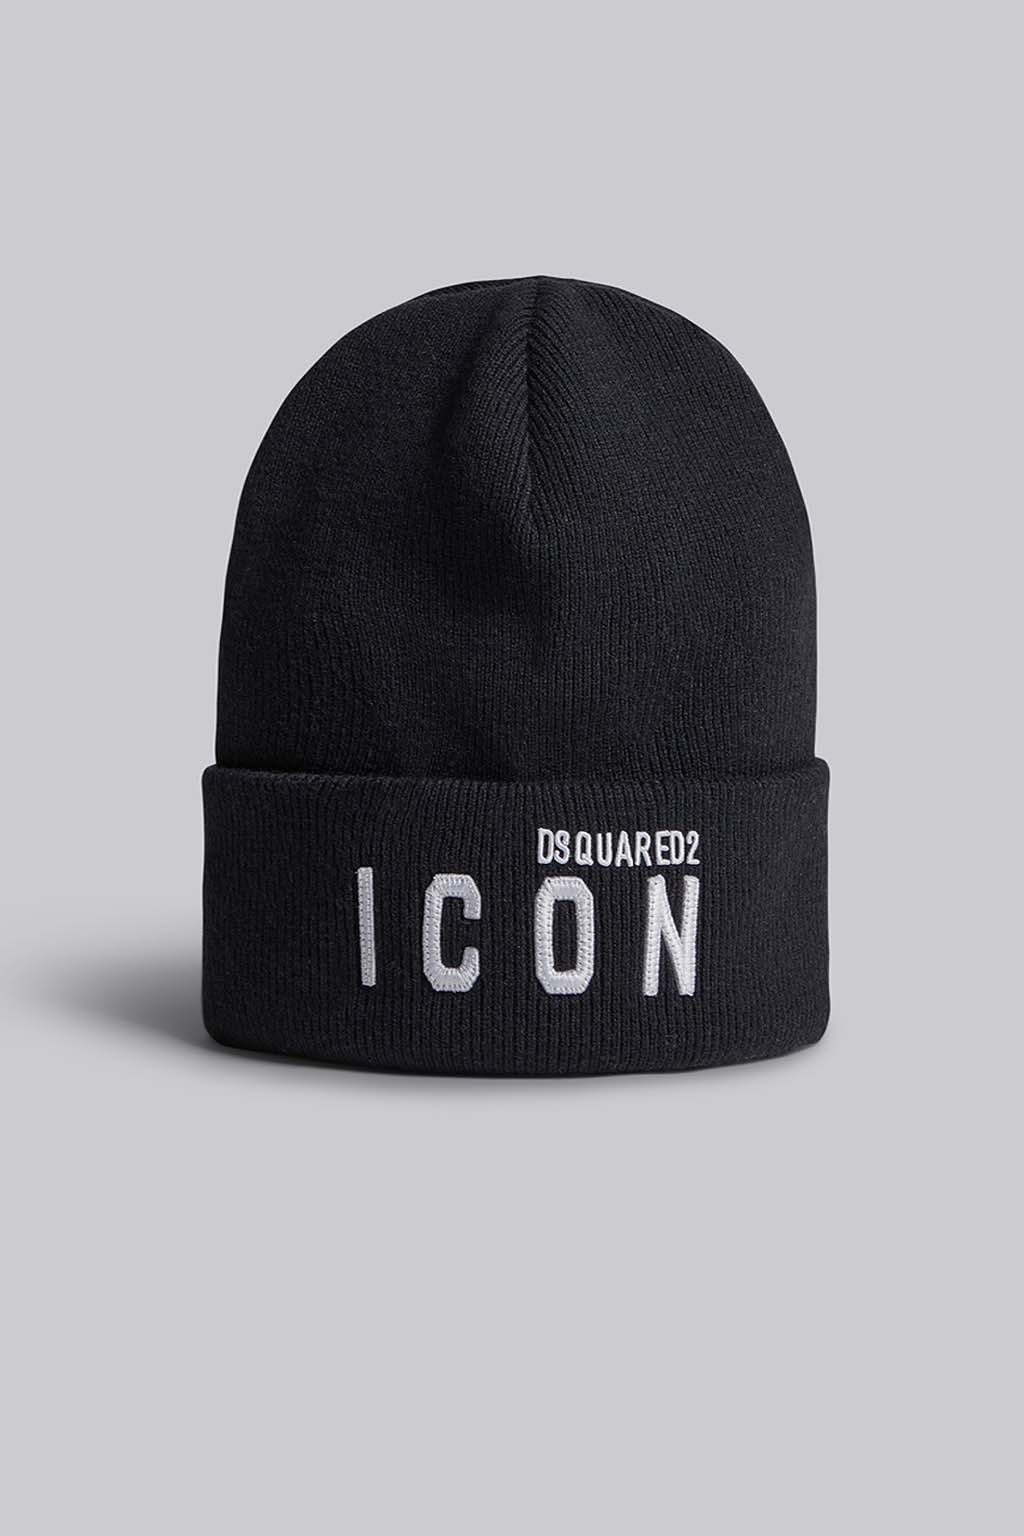 Pánská zimní čepice Dsquared2 Icon černá